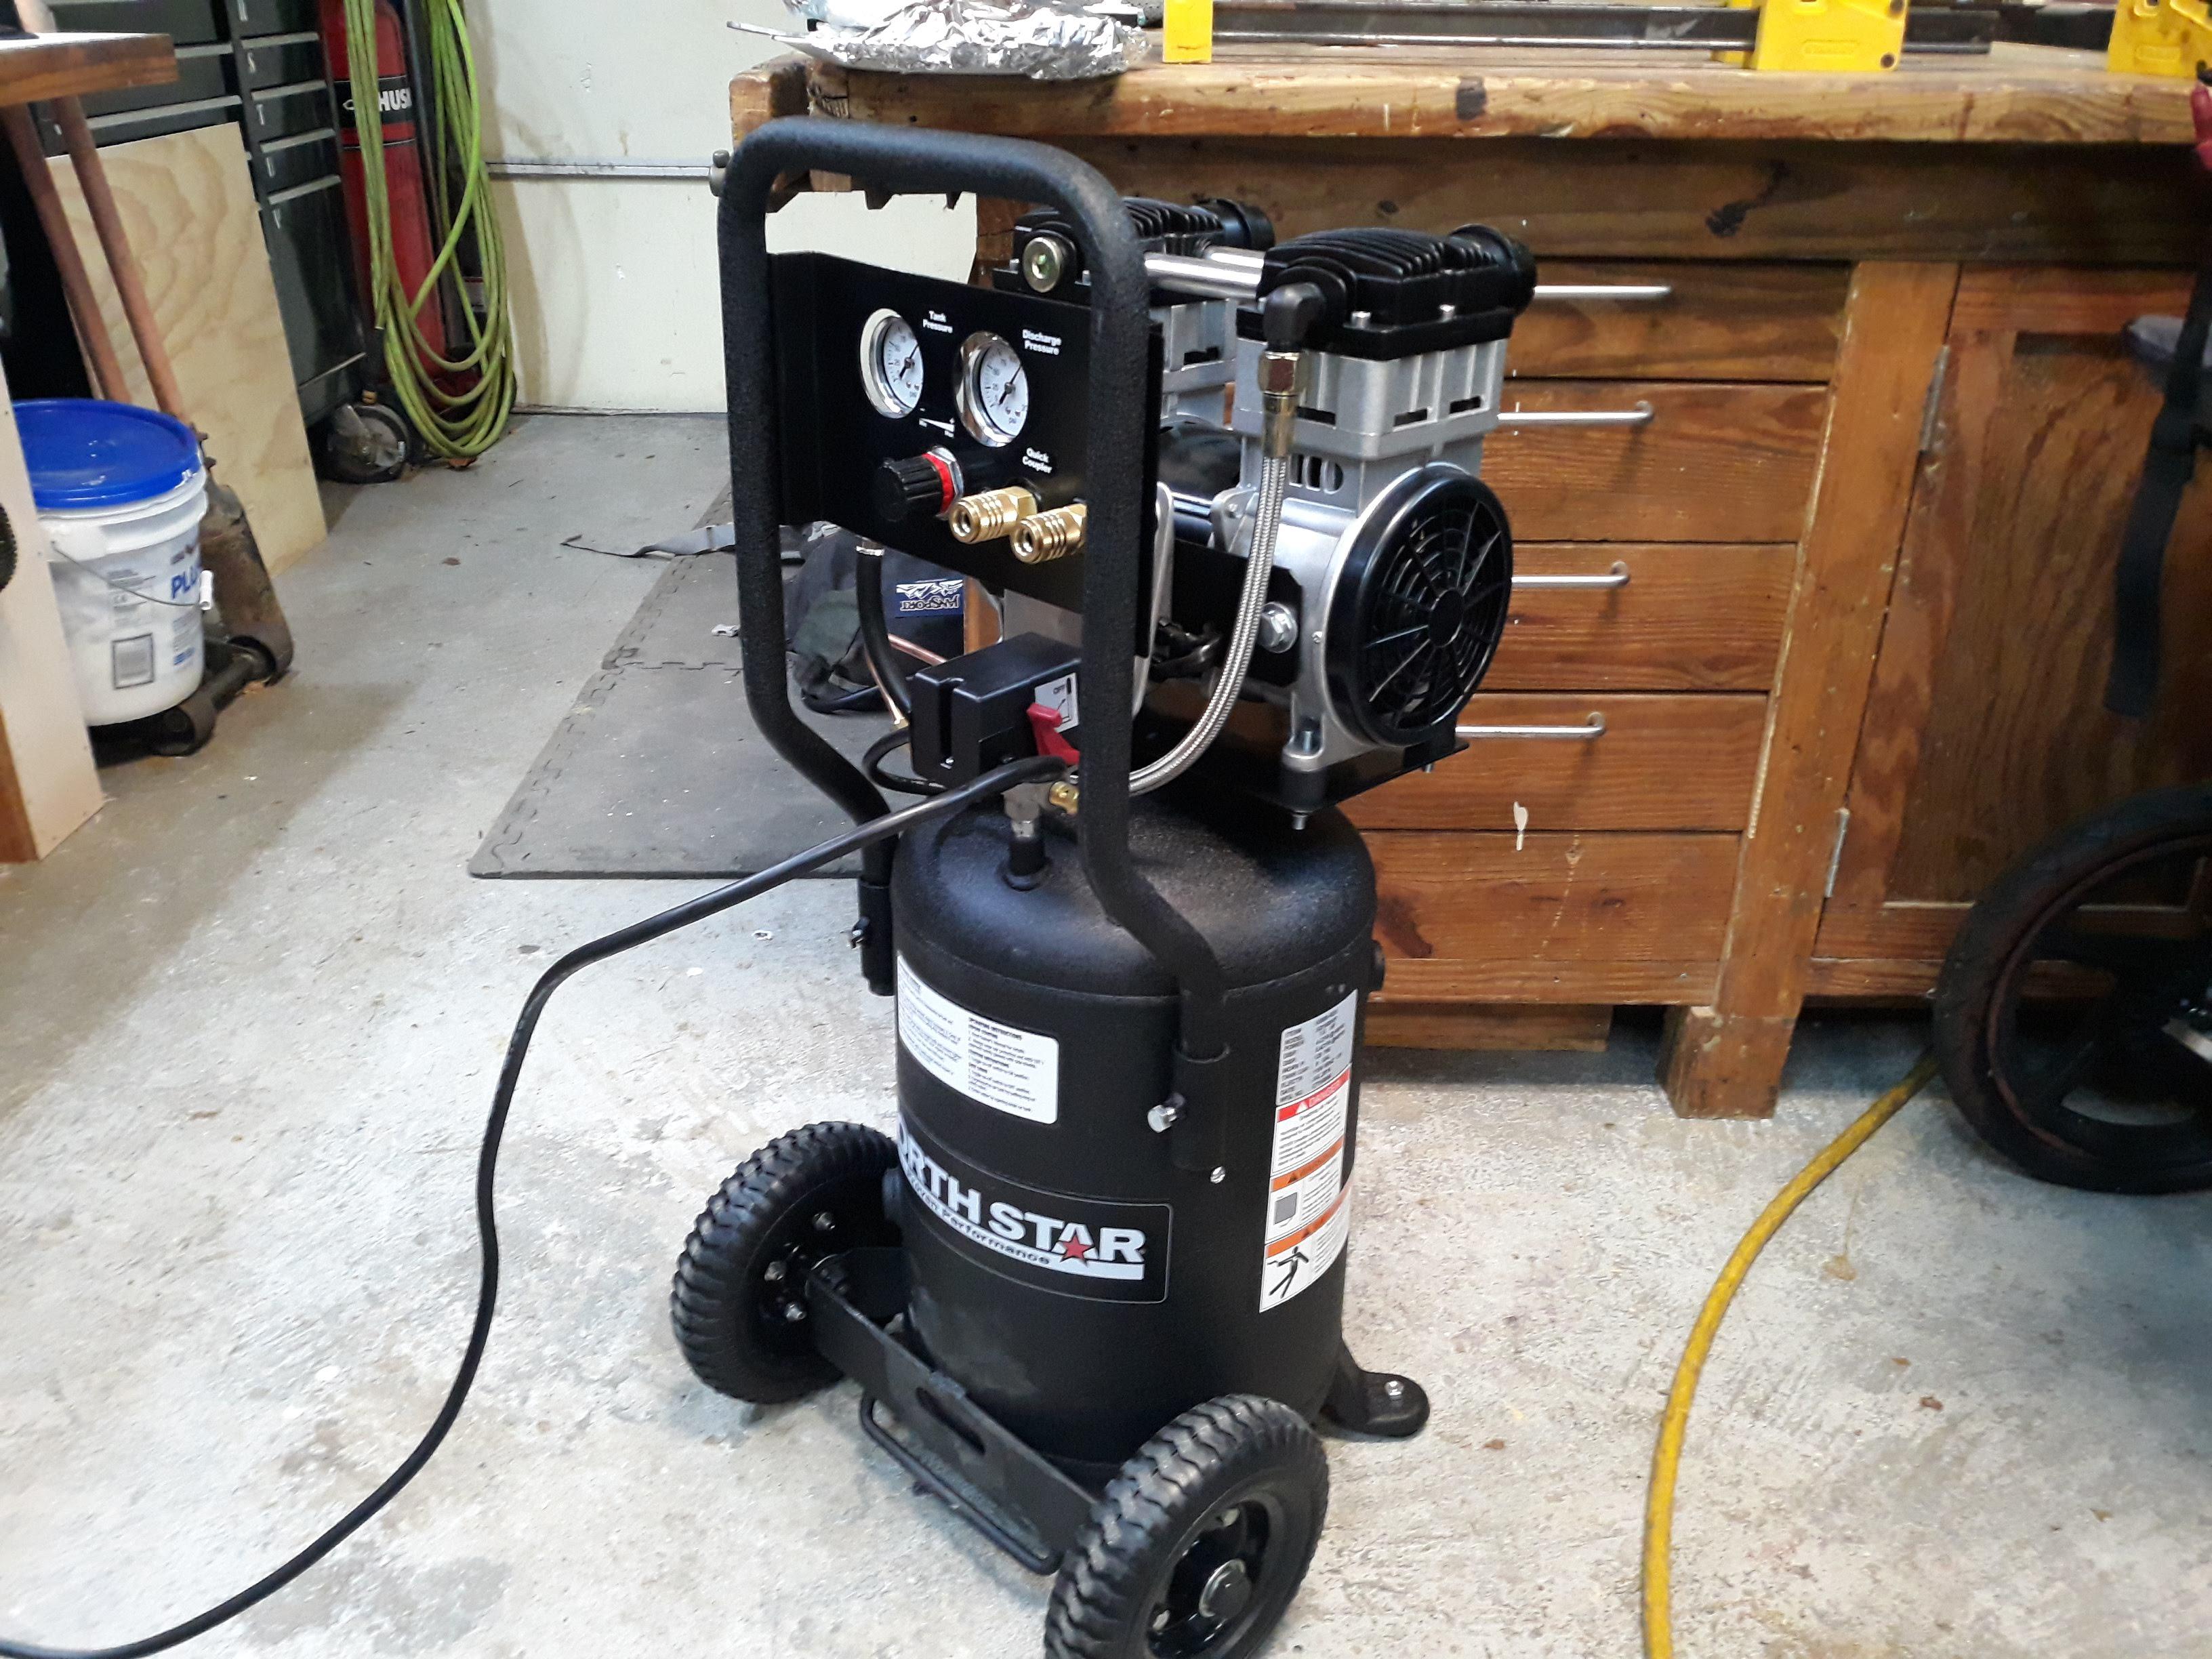 Compressor questions-20191203_214032.jpg